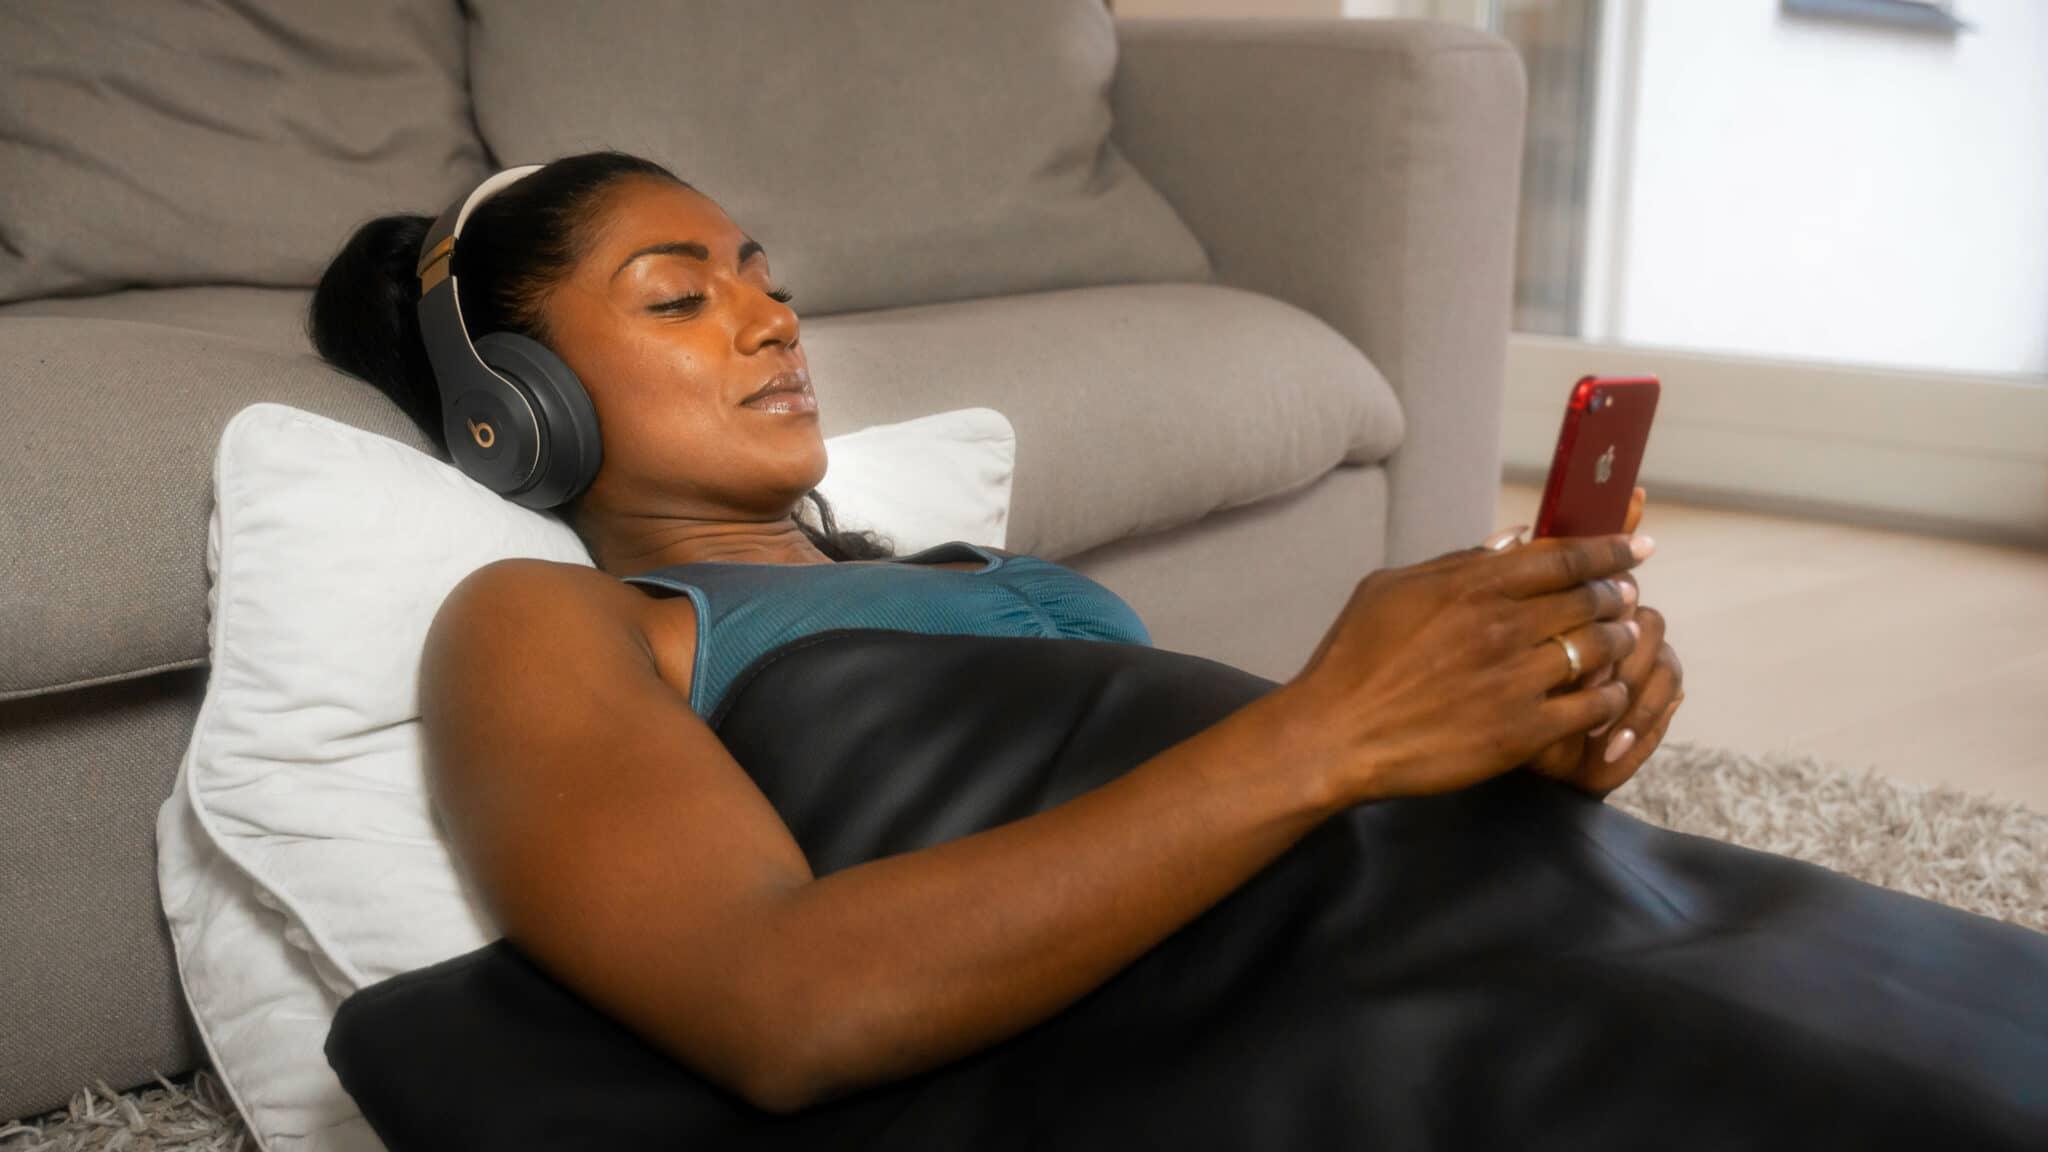 GoodFlow infrarød tæppe anvendes af en kvinde